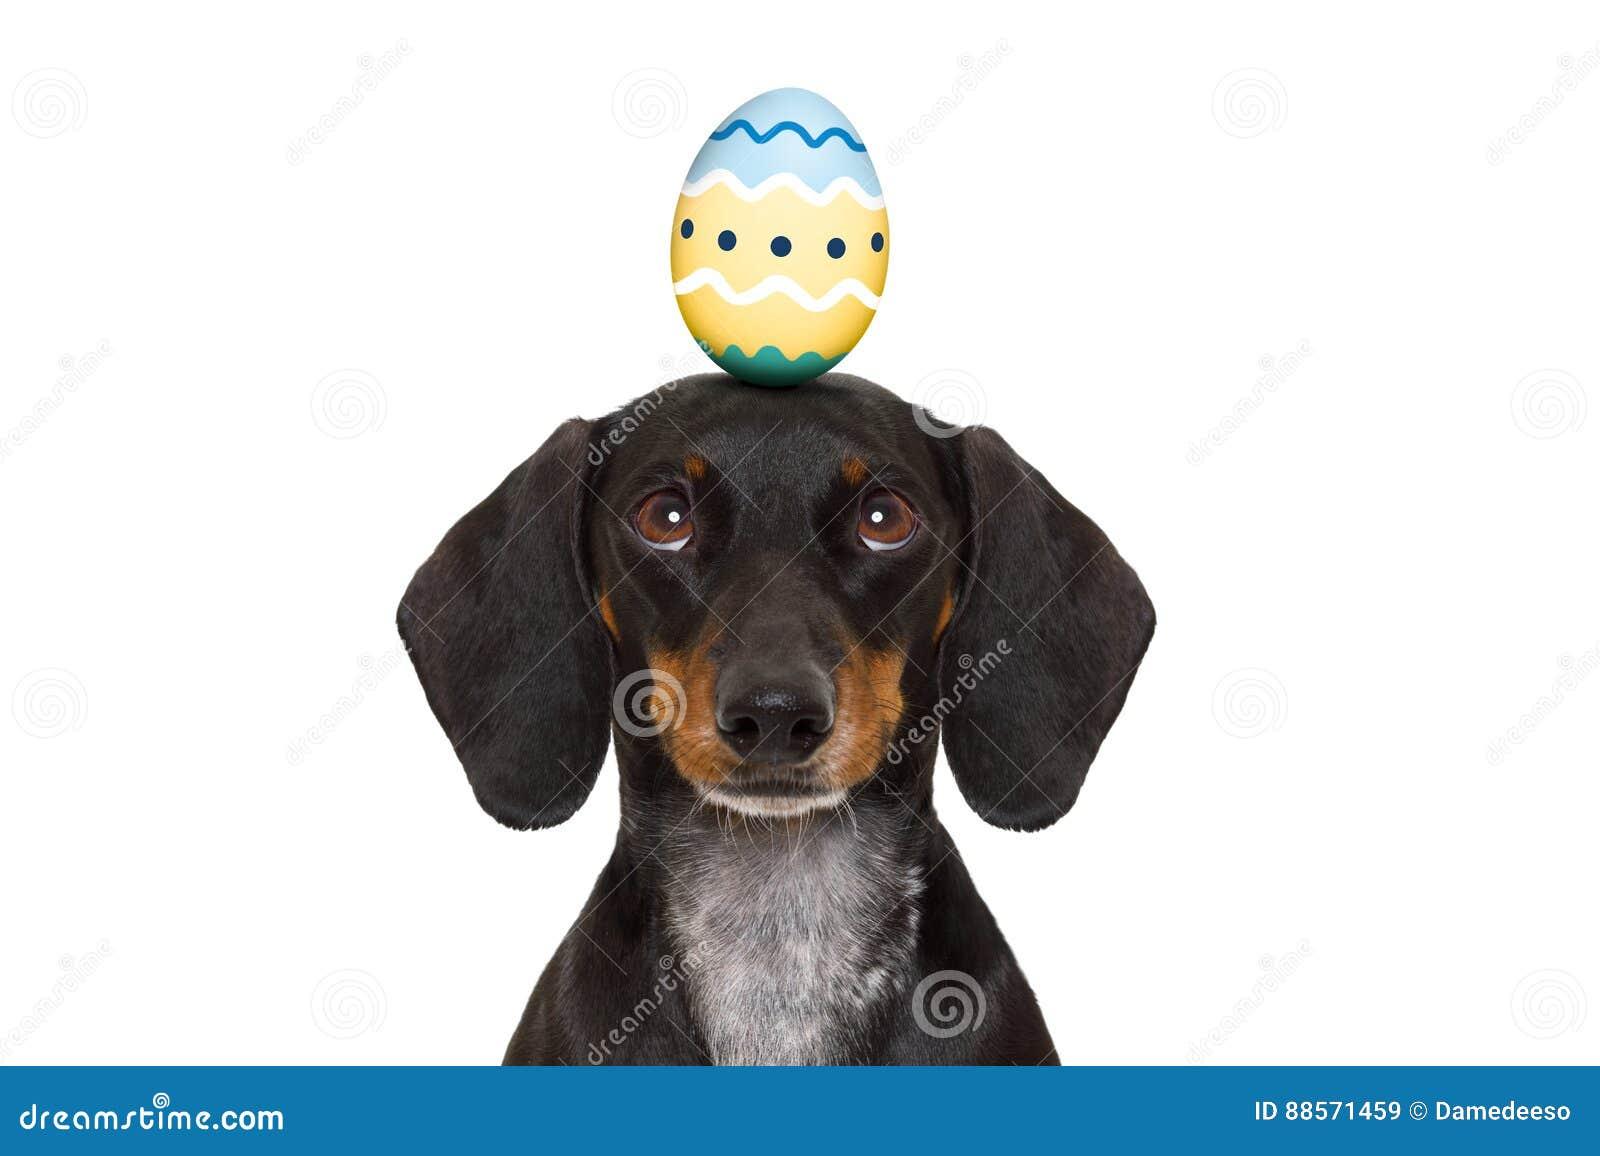 huevo cabeza perro